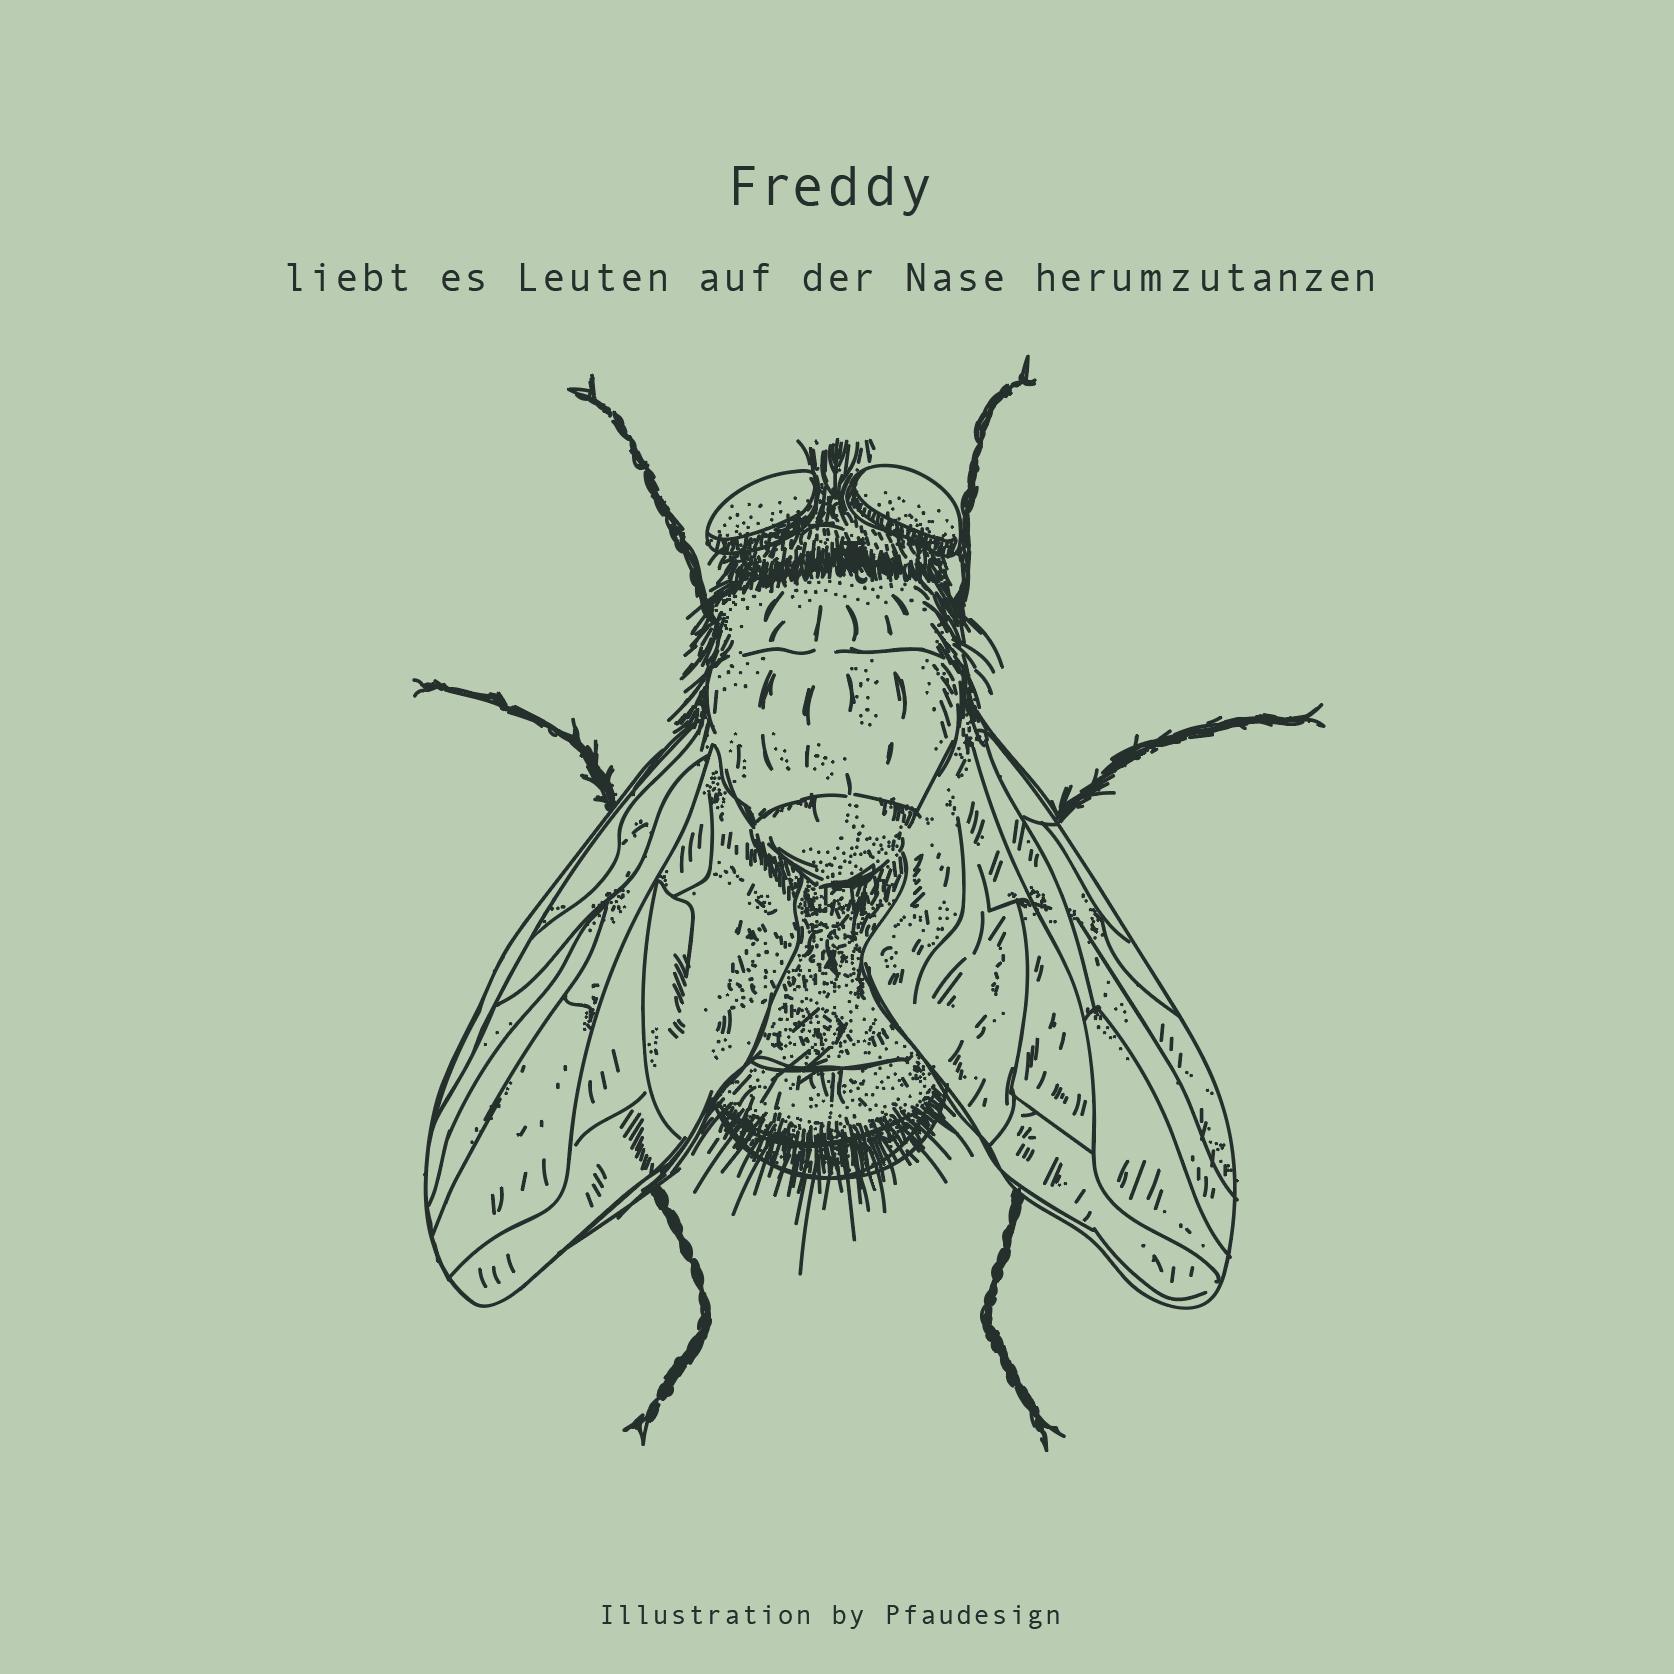 Illustration Fliege-Freddy